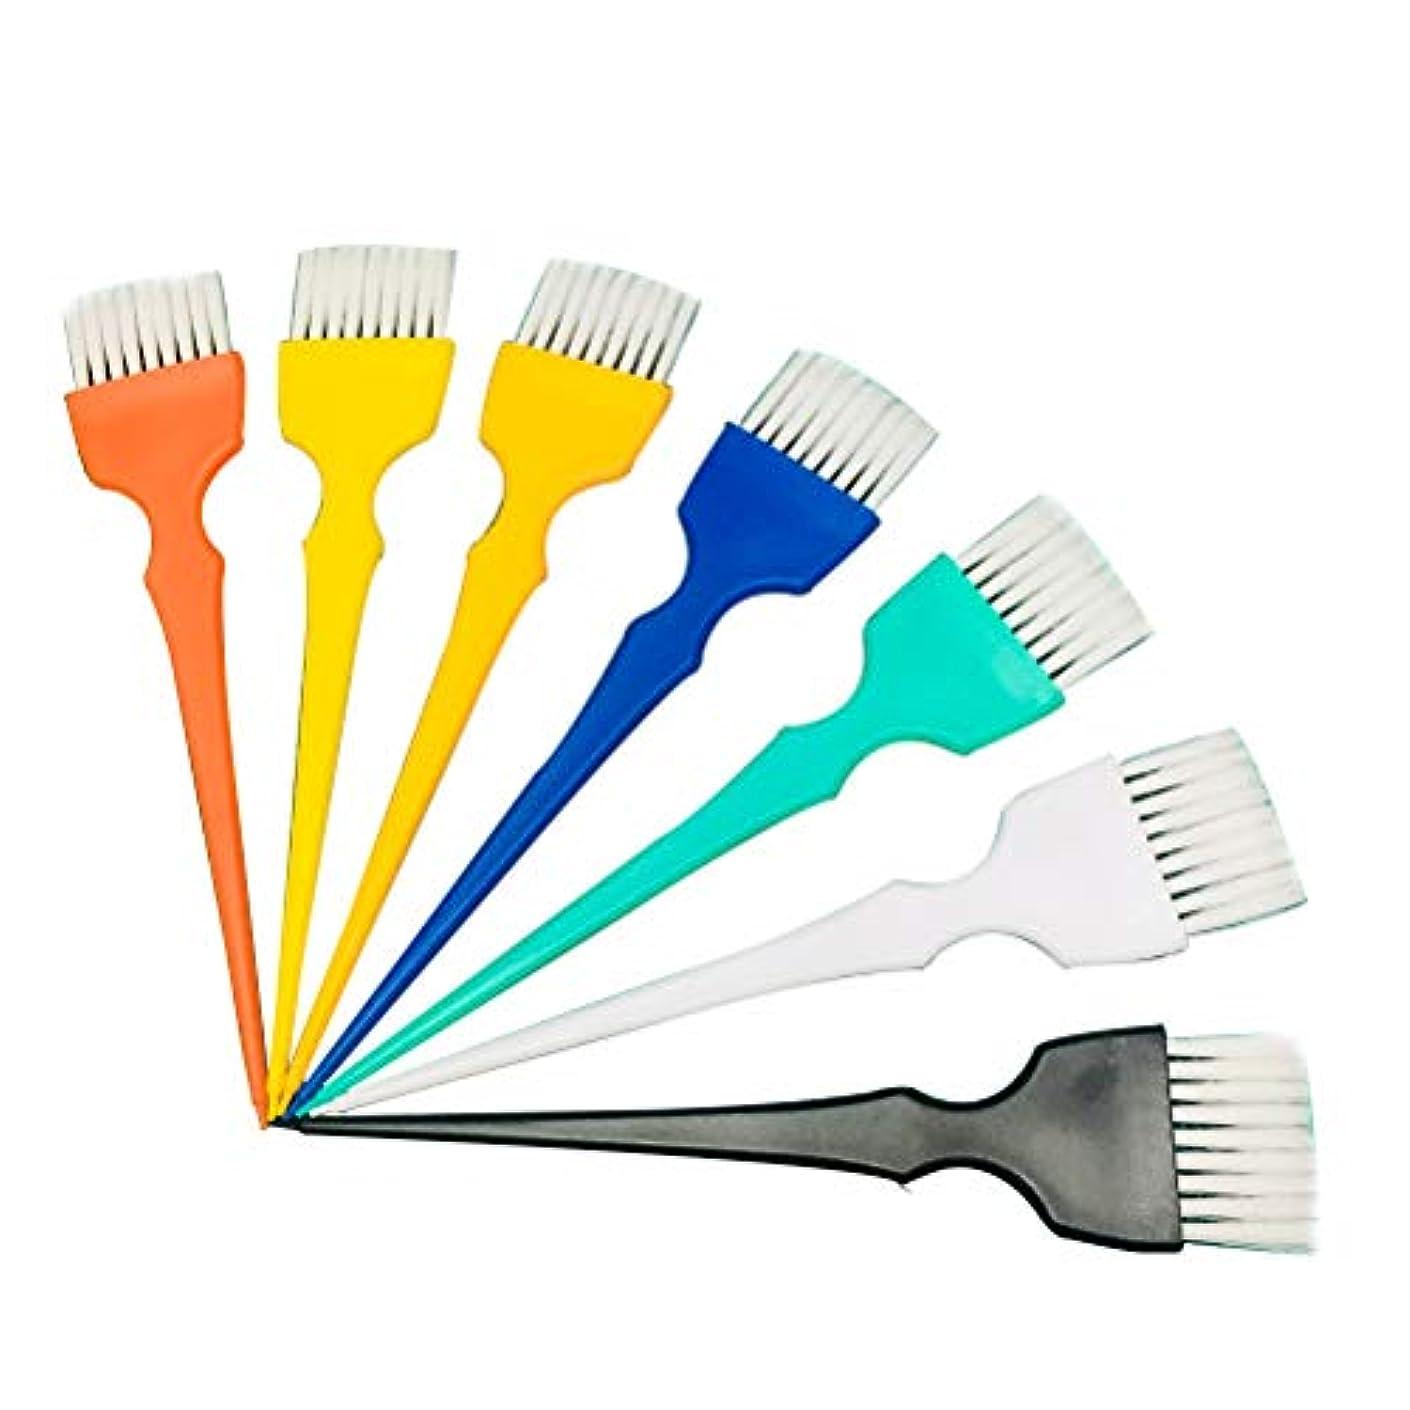 行う虚偽出費Frcolor ヘアダイブラシ ヘアカラーブラシ ヘアダイコーム 白髪染め 家庭用 美容師プロ用 プラスチック製 7本セット(ランダムカラー)